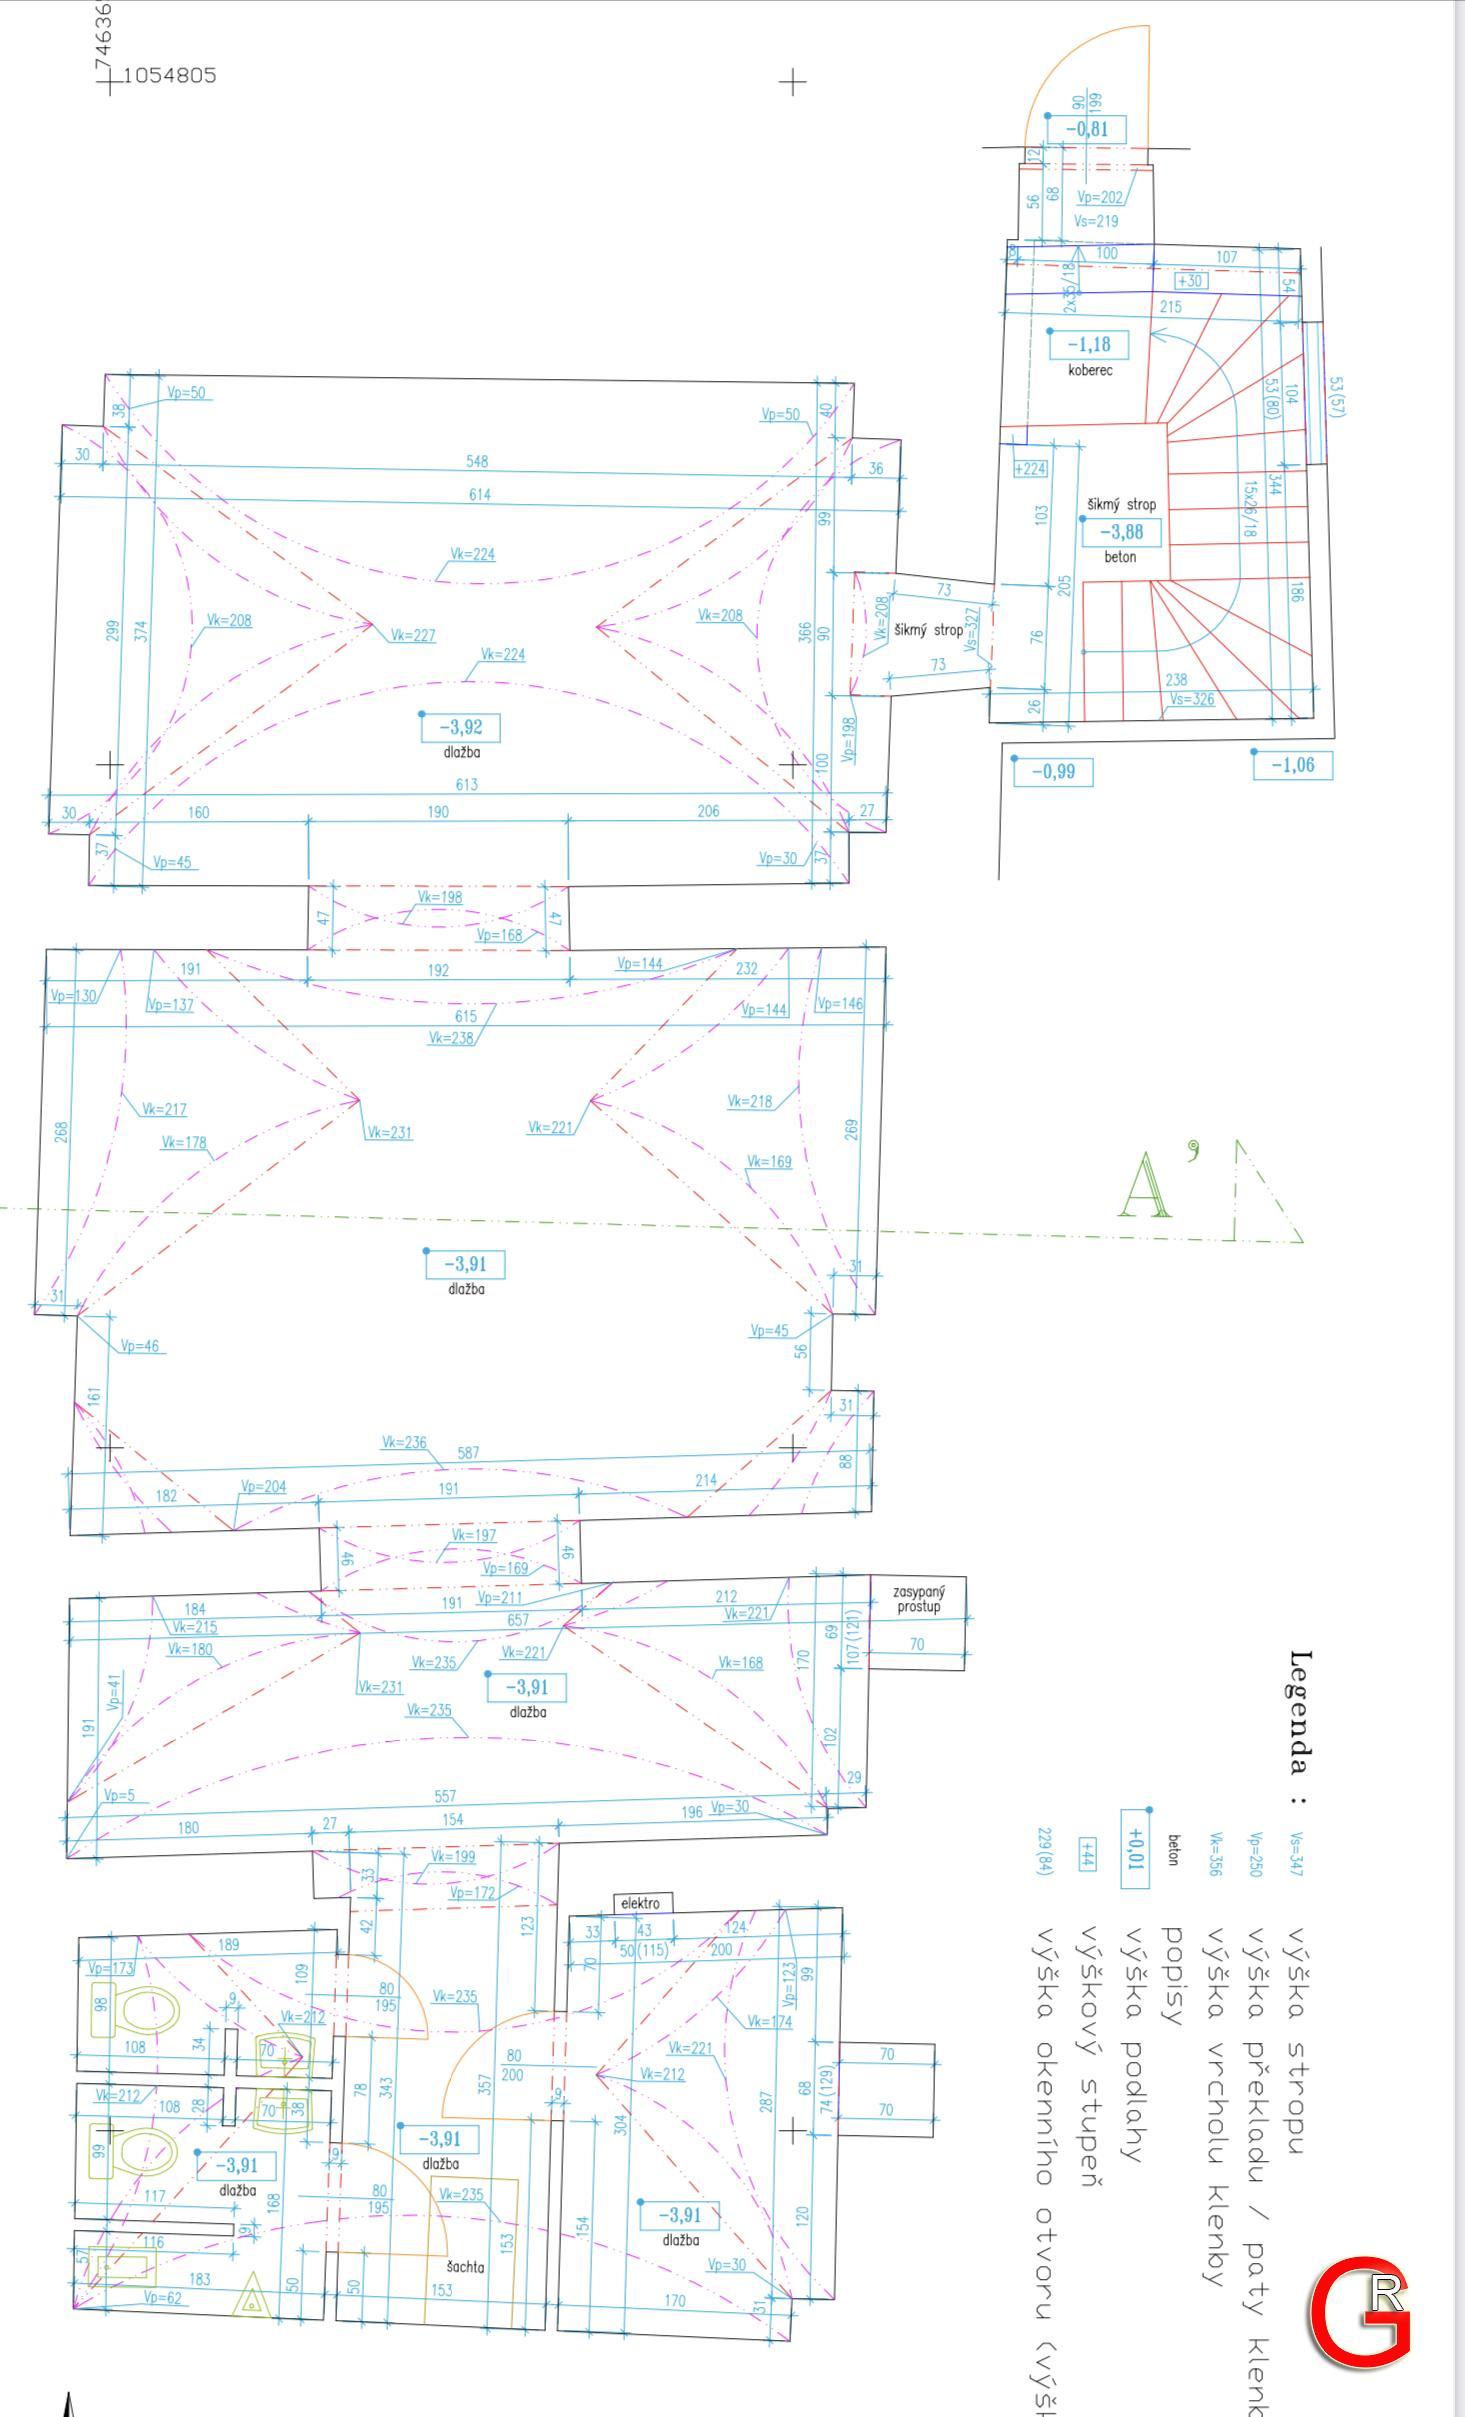 97B39775-8B83-41B5-B4E2-6C38ADD6A8C8